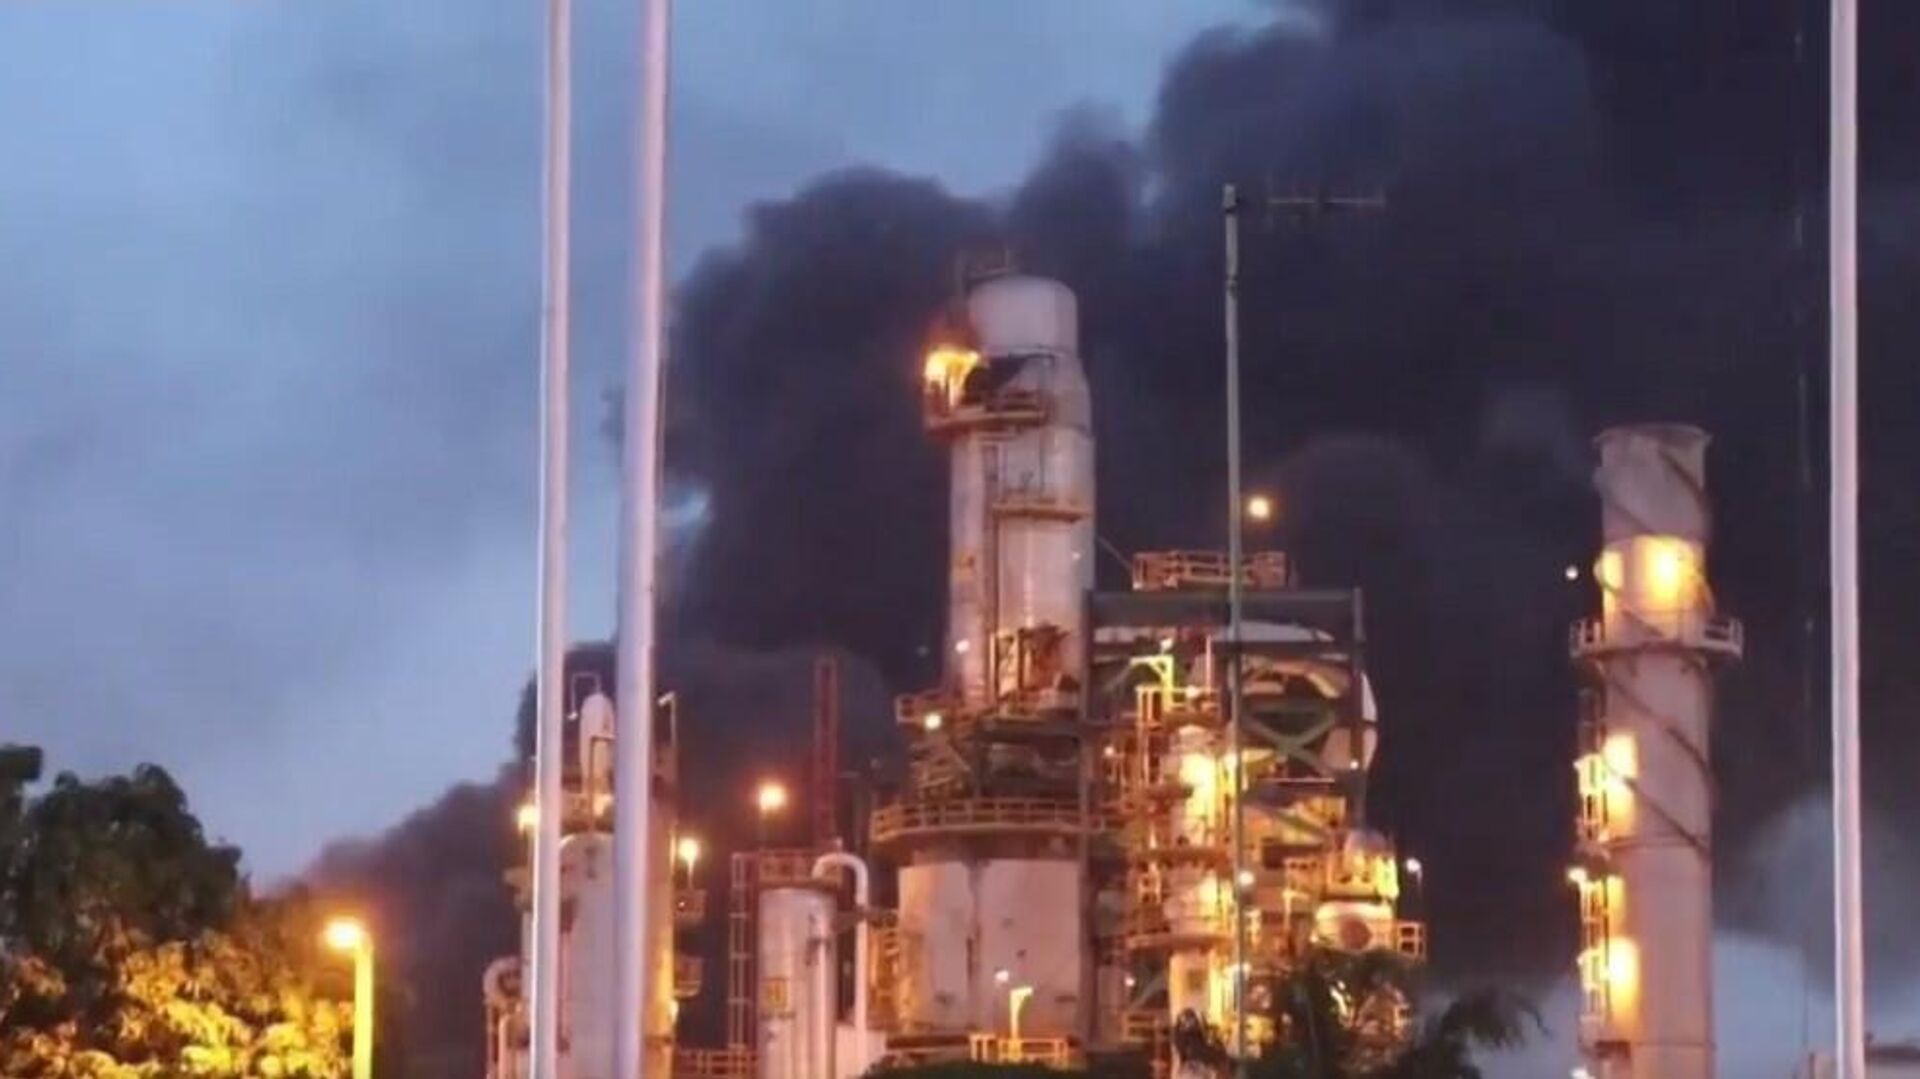 Incendio en la refinería de Minatitlán - Sputnik Mundo, 1920, 09.04.2021